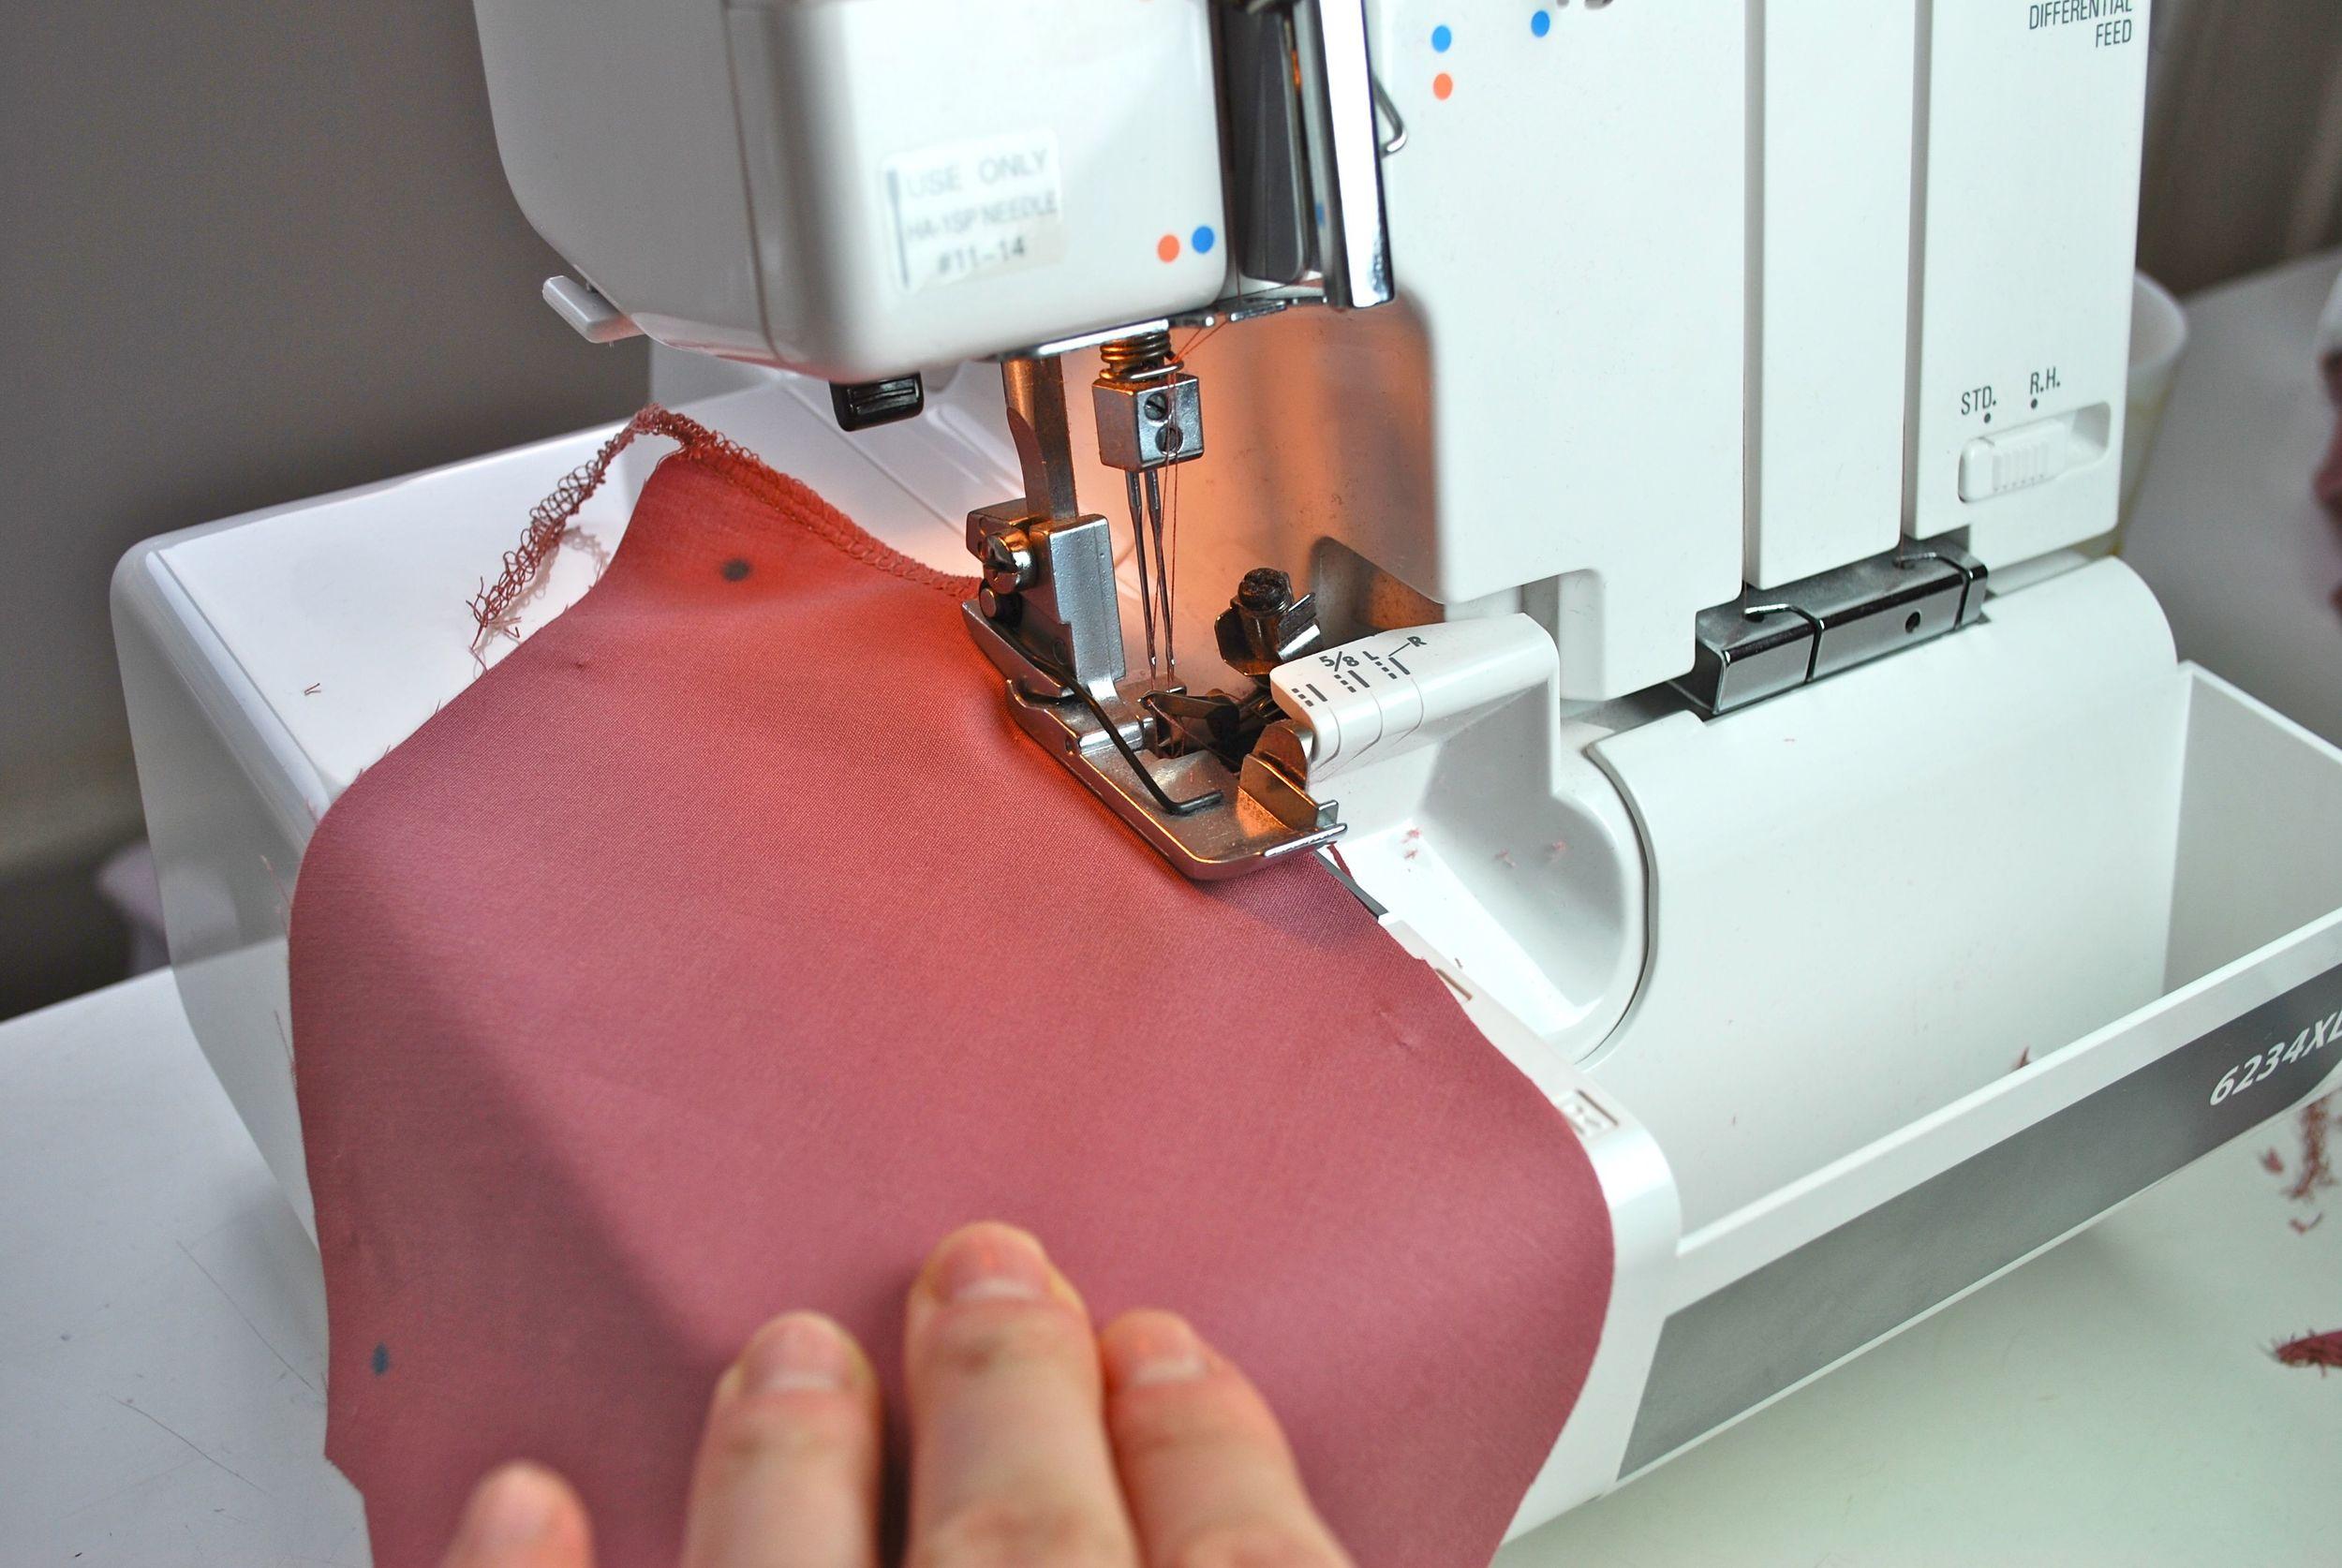 Overlocking the in-seam pocket for Version 2 on an overlocker machine.